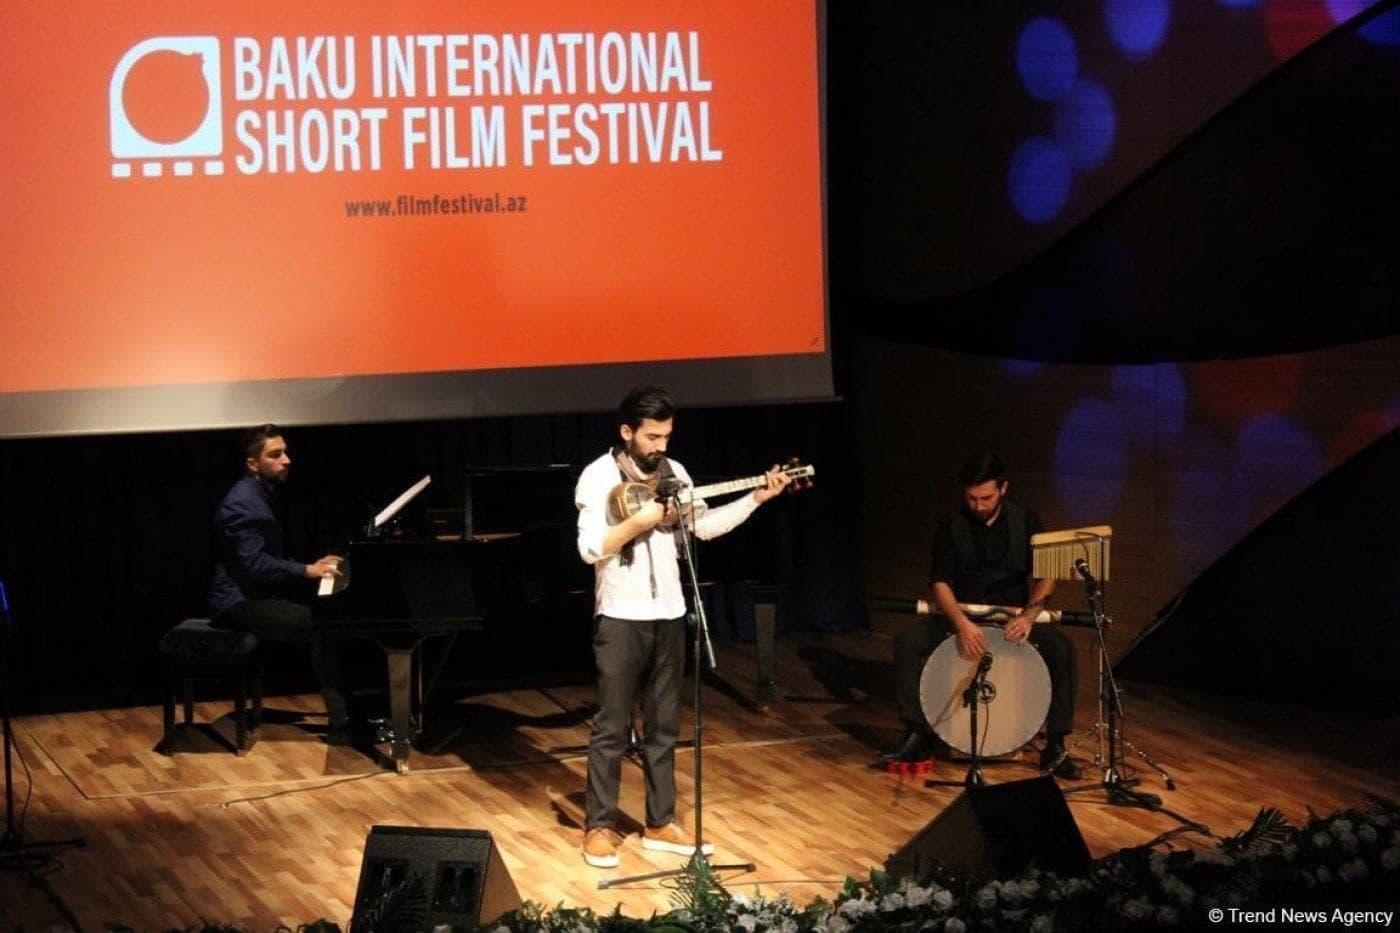 Short Films Festivals That Have No Submission Fees - Baku International Short Film Festival (BISFF) - Indie Shorts Mag